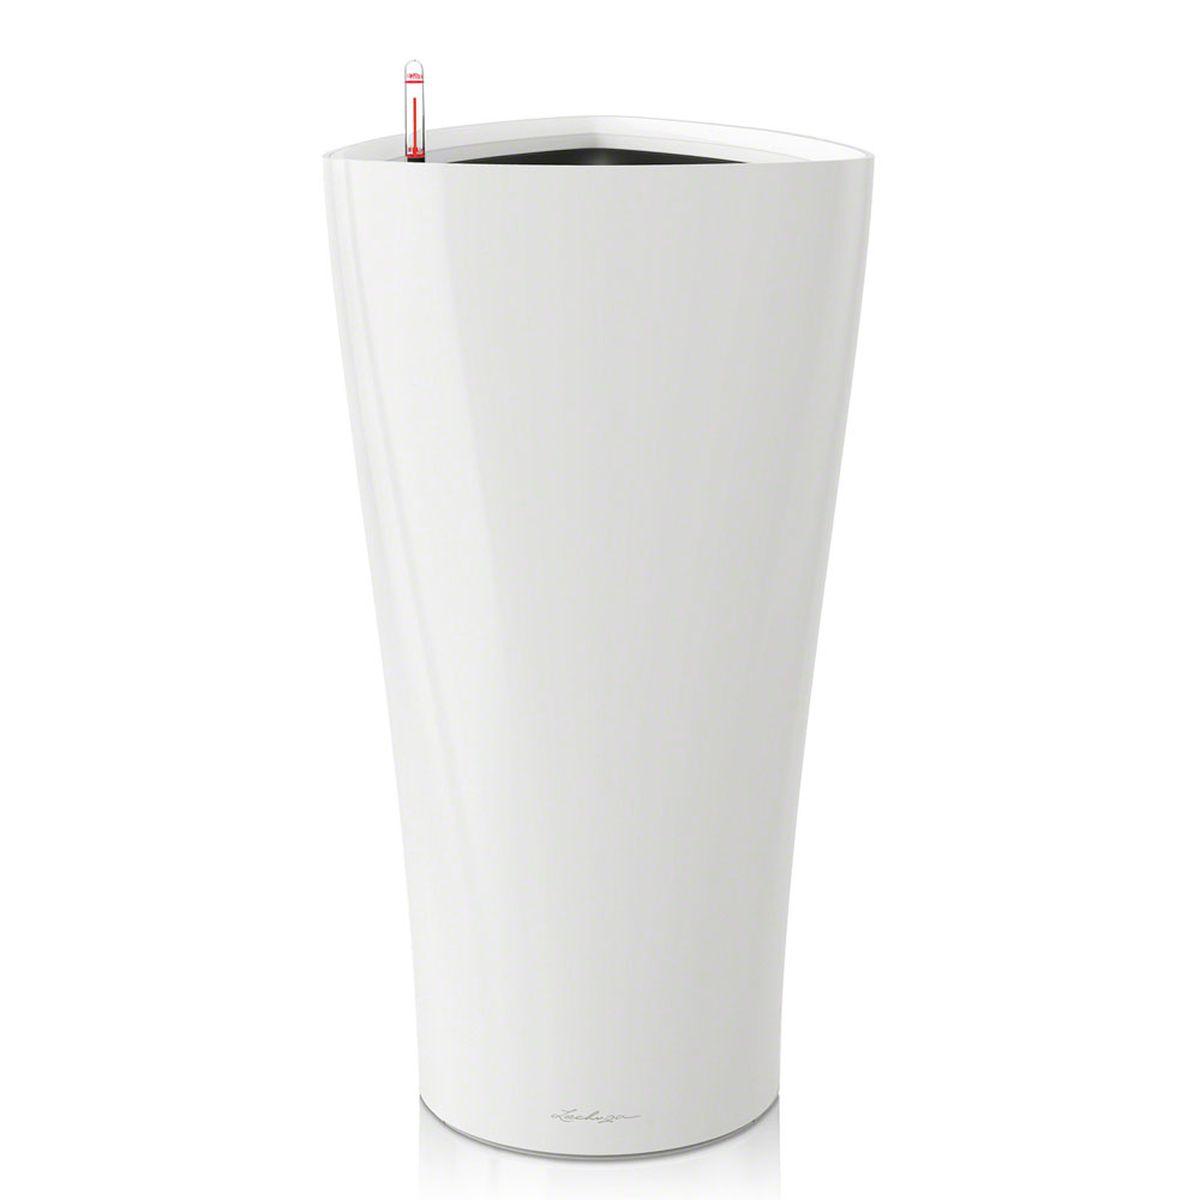 Кашпо Lechuza Delta, с системой автополива, цвет: белый, 40 х 40 х 75 см15540Кашпо Lechuza Delta, выполненное из высококачественного пластика, имеет уникальную систему автополива, благодаря которой корневая система растения непрерывно снабжается влагой из резервуара. Уровень воды в резервуаре контролируется с помощью специального индикатора. В зависимости от размера кашпо и растения воды хватает на 2-12 недель. Это способствует хорошему росту цветов и предотвращает переувлажнение. В набор входит: кашпо, внутренний горшок, индикатор уровня воды, резервуар для воды. Внутренний горшок, оснащенный выдвижными ручками, обеспечивает: - легкую переноску даже высоких растений; - легкую смену растений; - можно также просто убрать растения на зиму; - винт в днище позволяет стечь излишней дождевой воде наружу. Кашпо Lechuza Delta прекрасно впишется в интерьер больших холлов, террас ресторанов и уютных гостиных. Изделие поможет расставить нужные акценты и придаст помещению вид, соответствующий вашим...